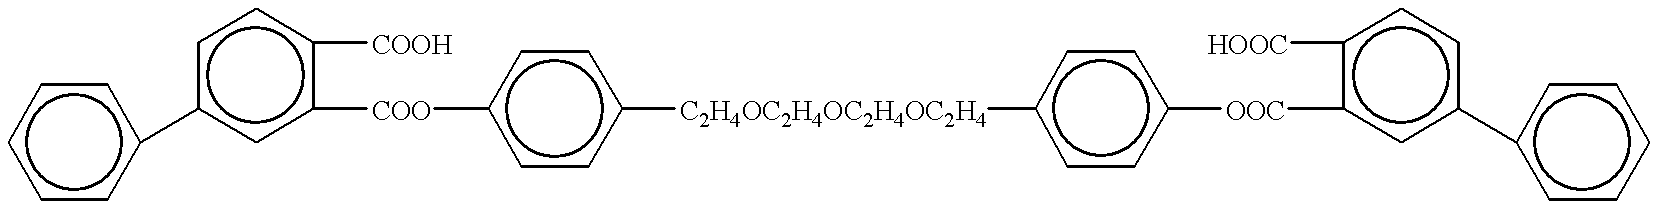 Figure US06180560-20010130-C00227